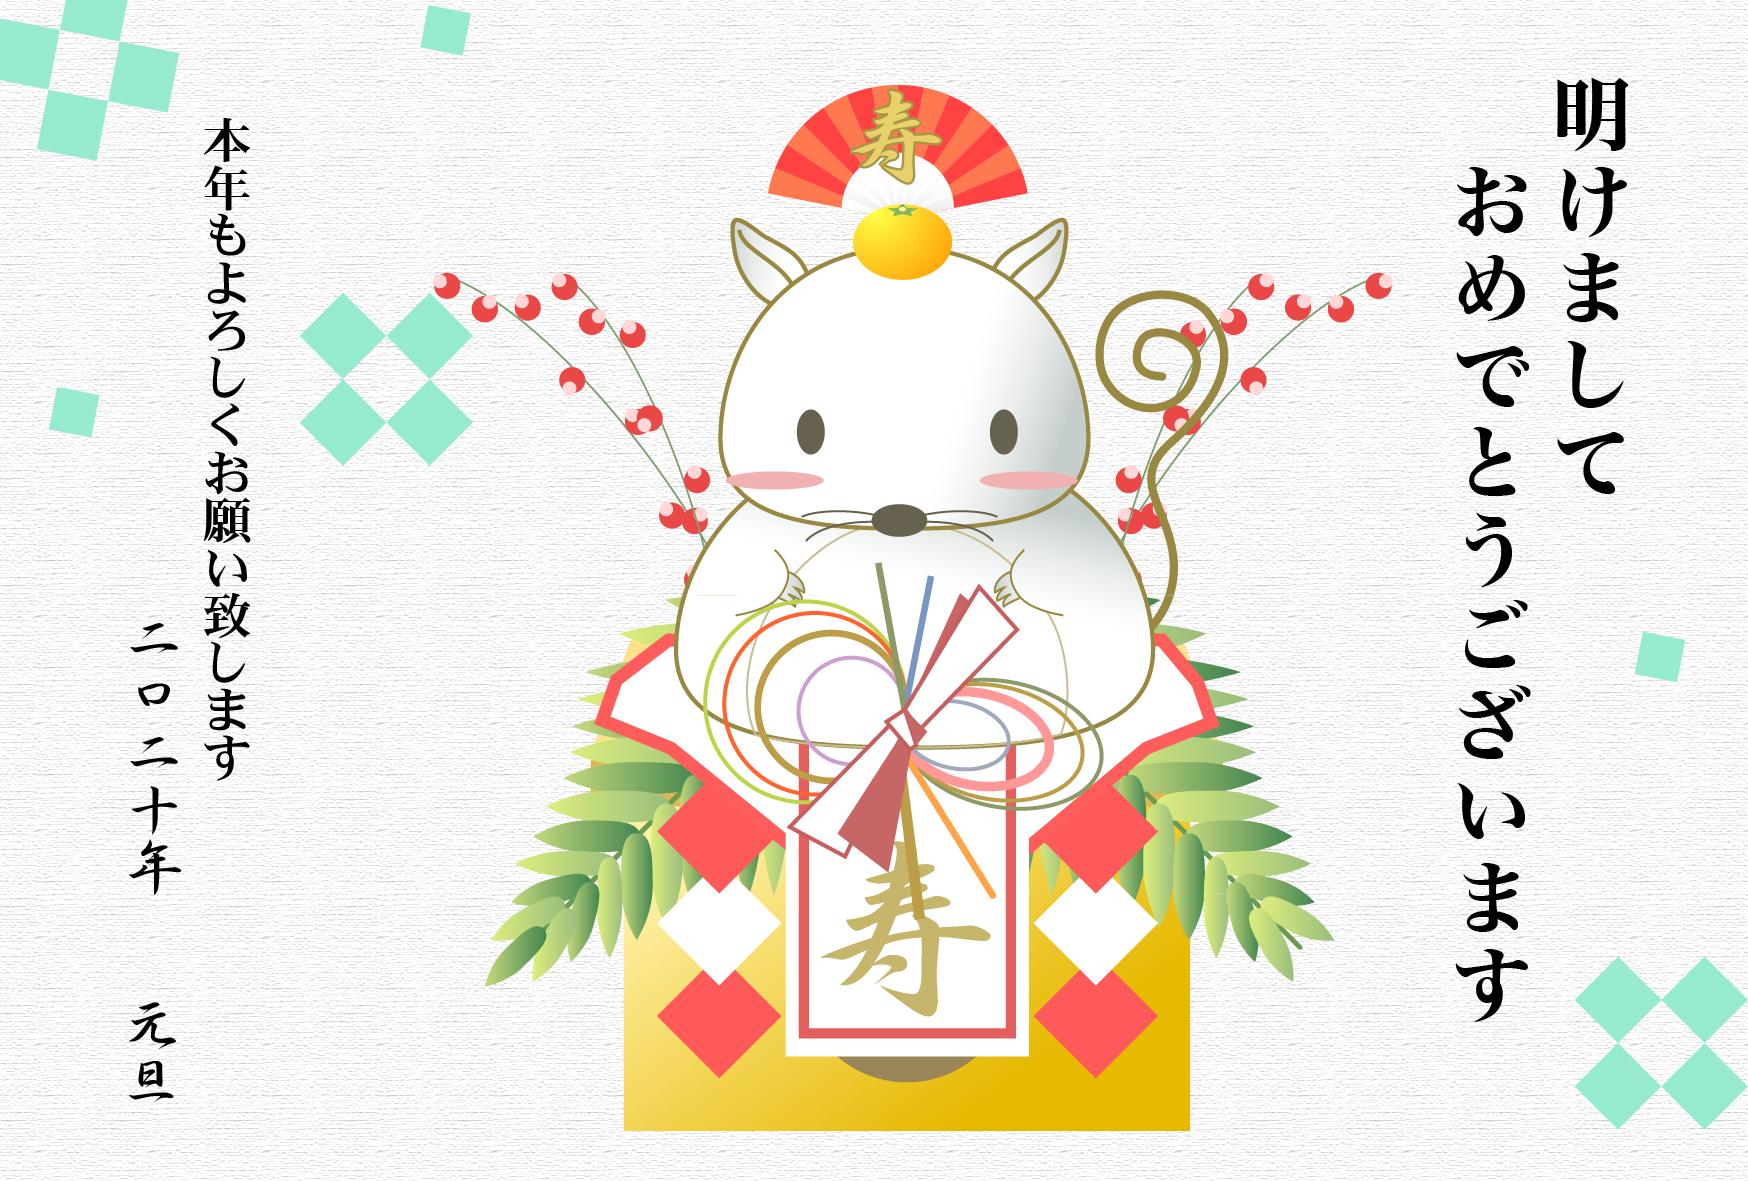 2020年子(鼠)年用年賀状イラストテンプレート素材 | 夢夢色town